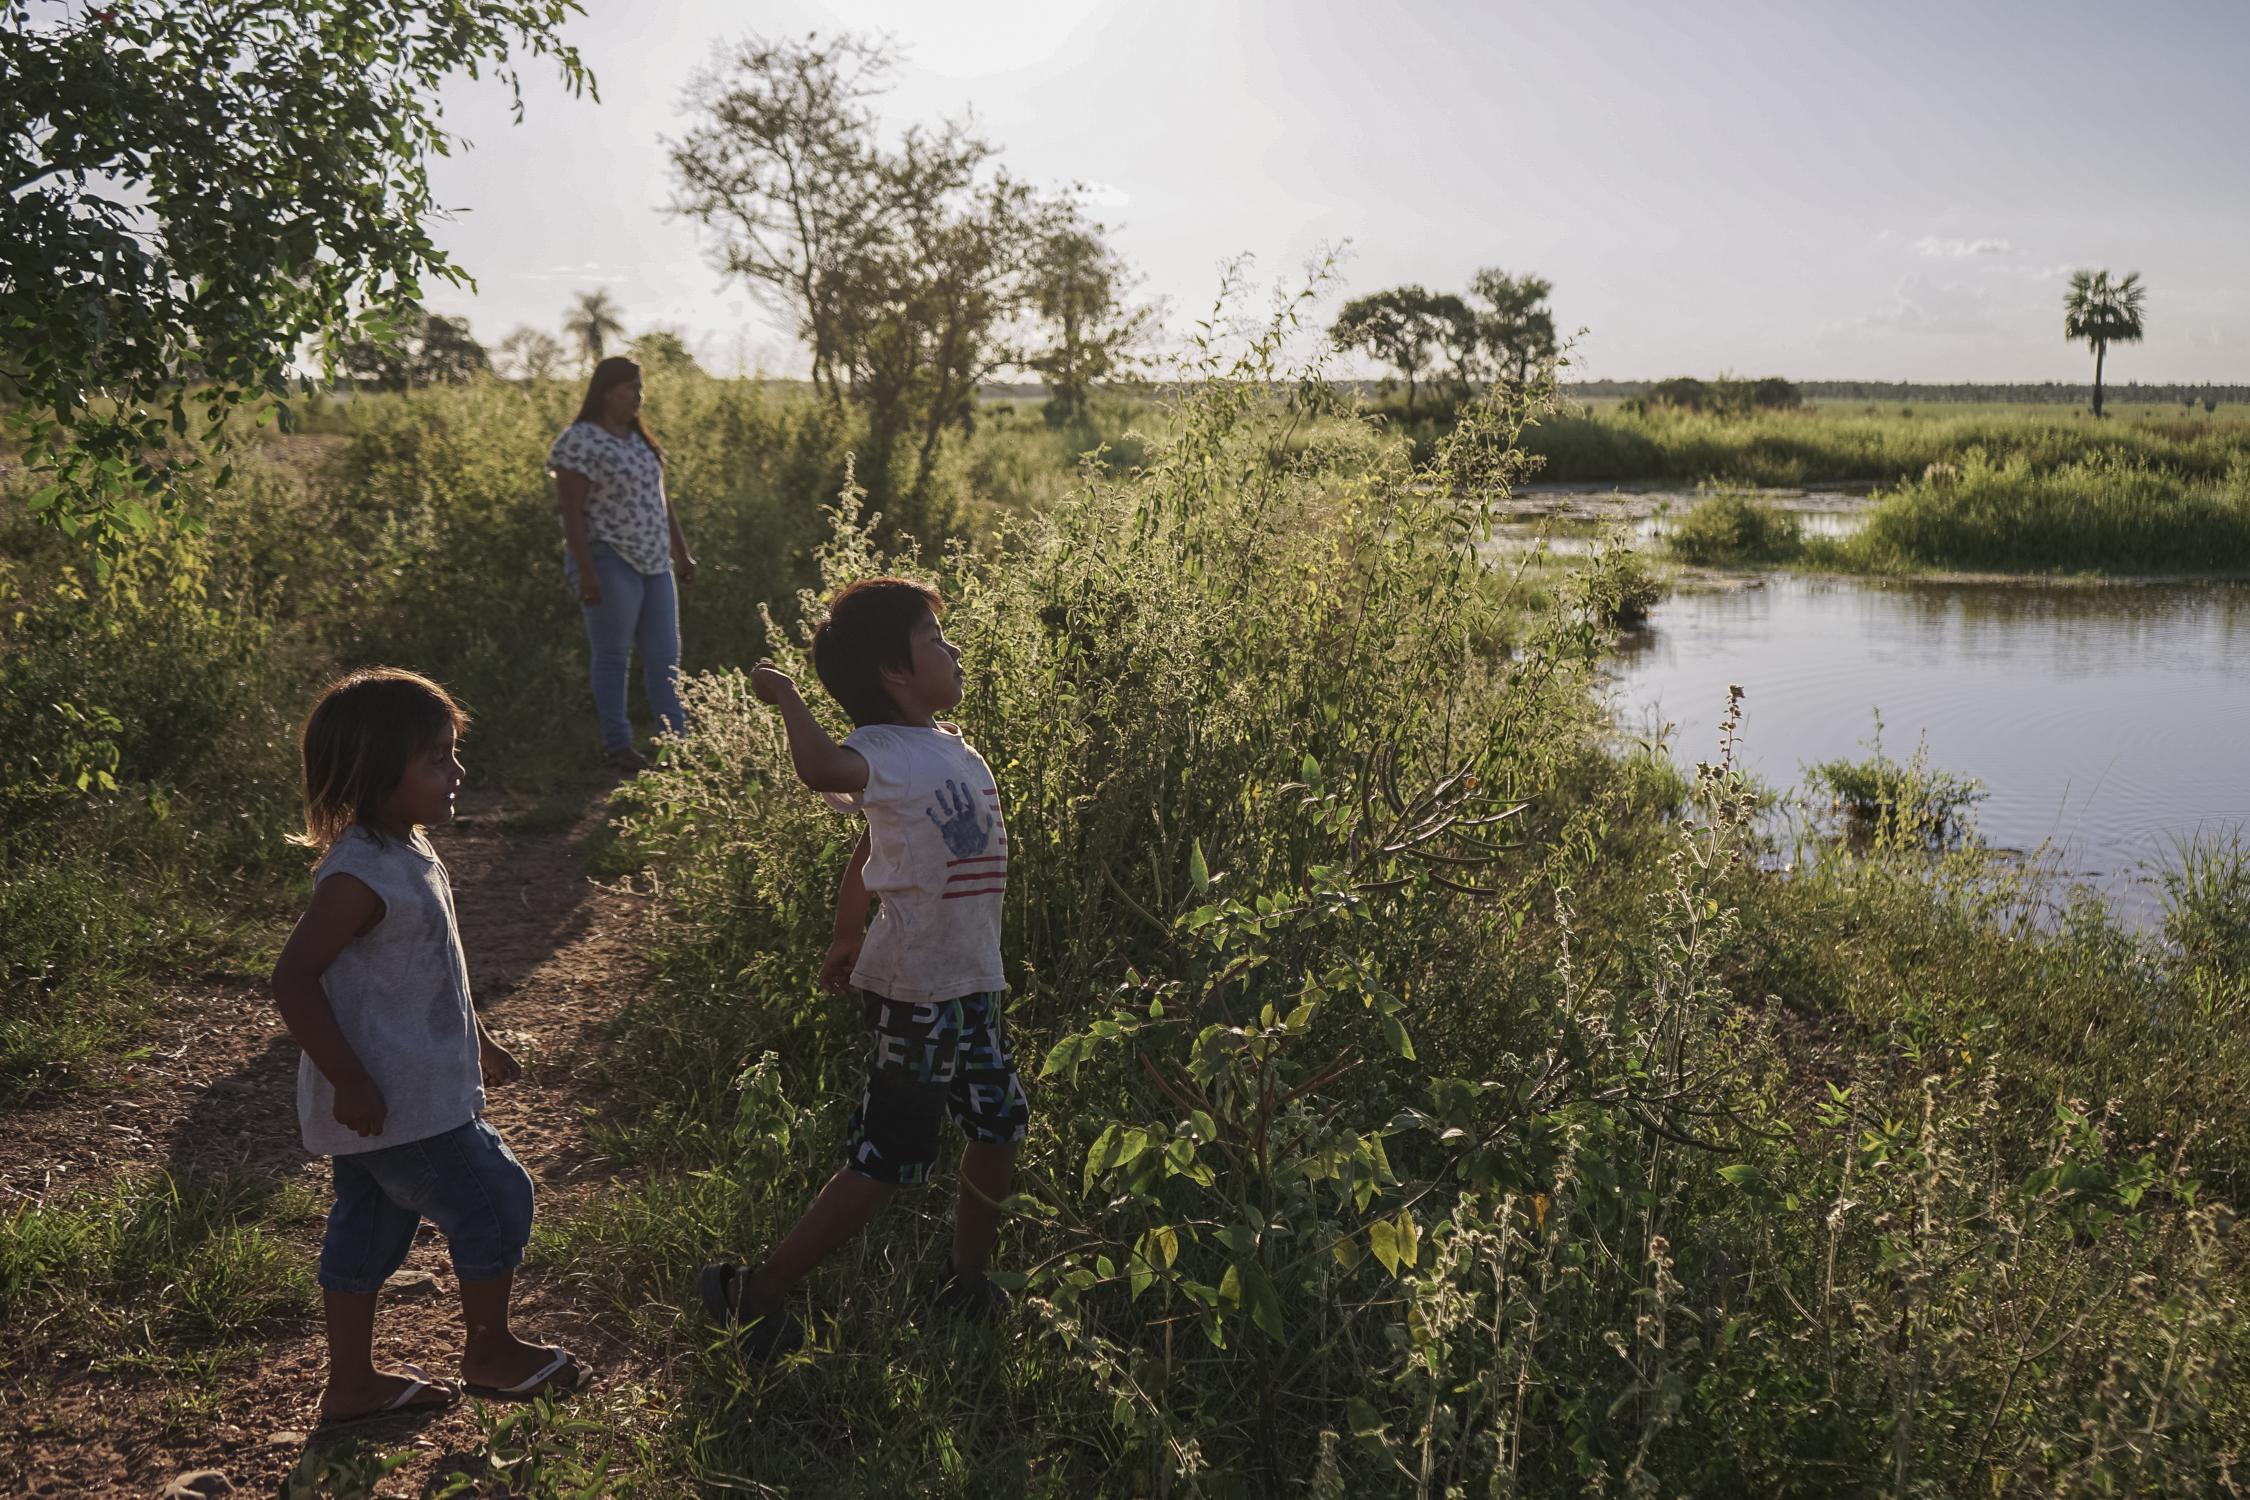 crianças perto de lago